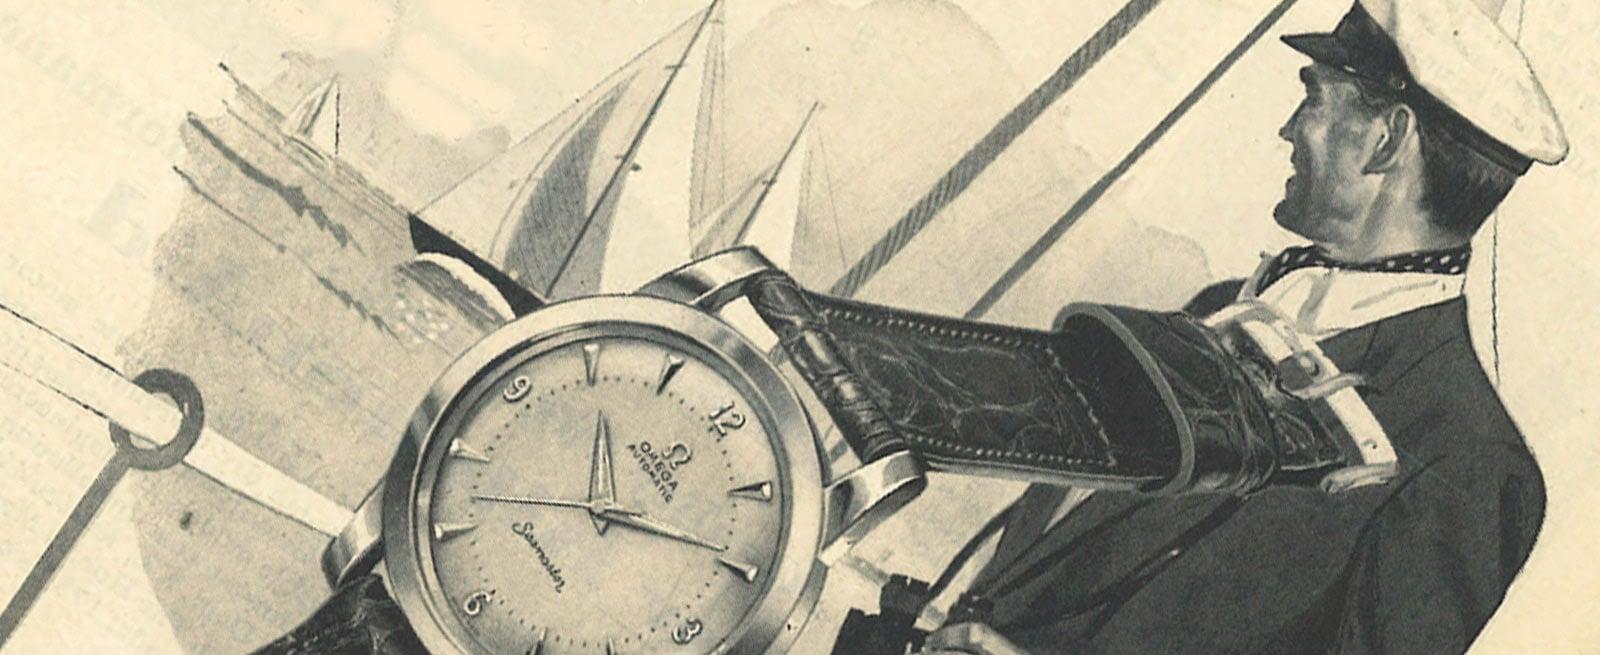 精选女士腕表: 海马系列 - 海洋宇宙600米腕表 - 海洋的深情呼唤